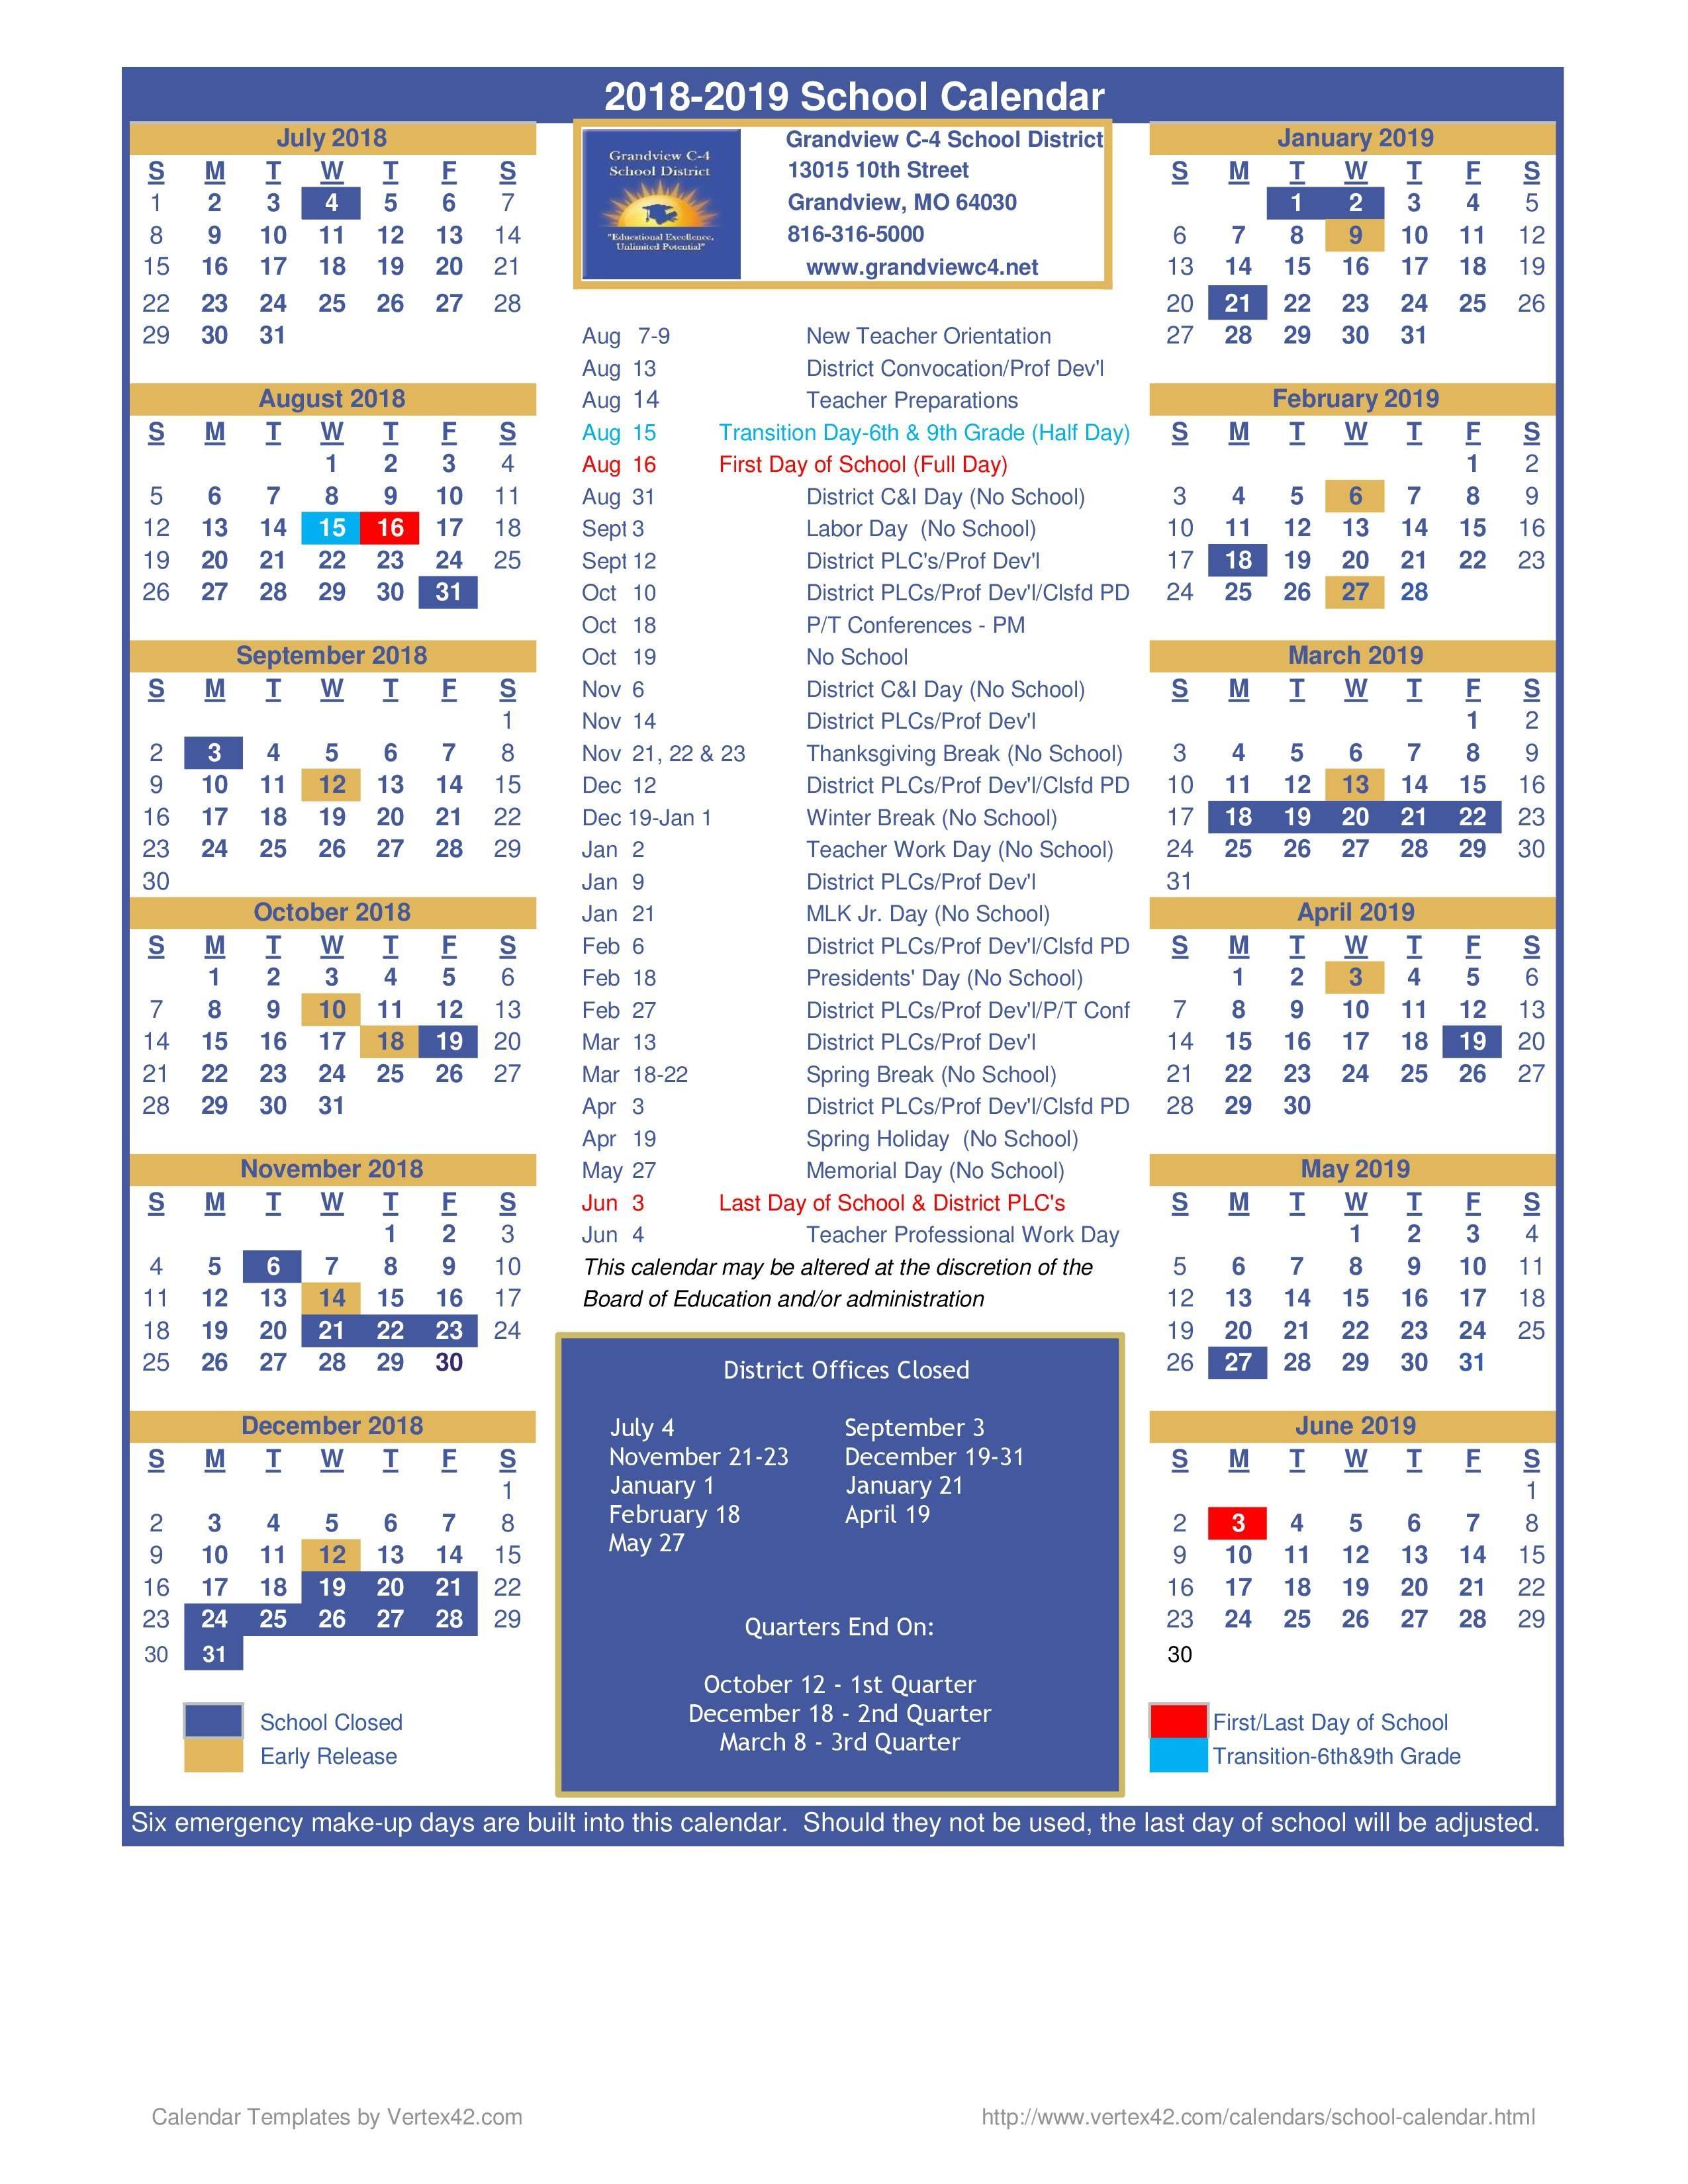 Calendario Escolar 2019 Kinder Más Recientes District Calendar – District Calendar – Grandview C 4 School District Of Calendario Escolar 2019 Kinder Más Reciente 2018 2019 School Year Calendar Upper Canada District School Board